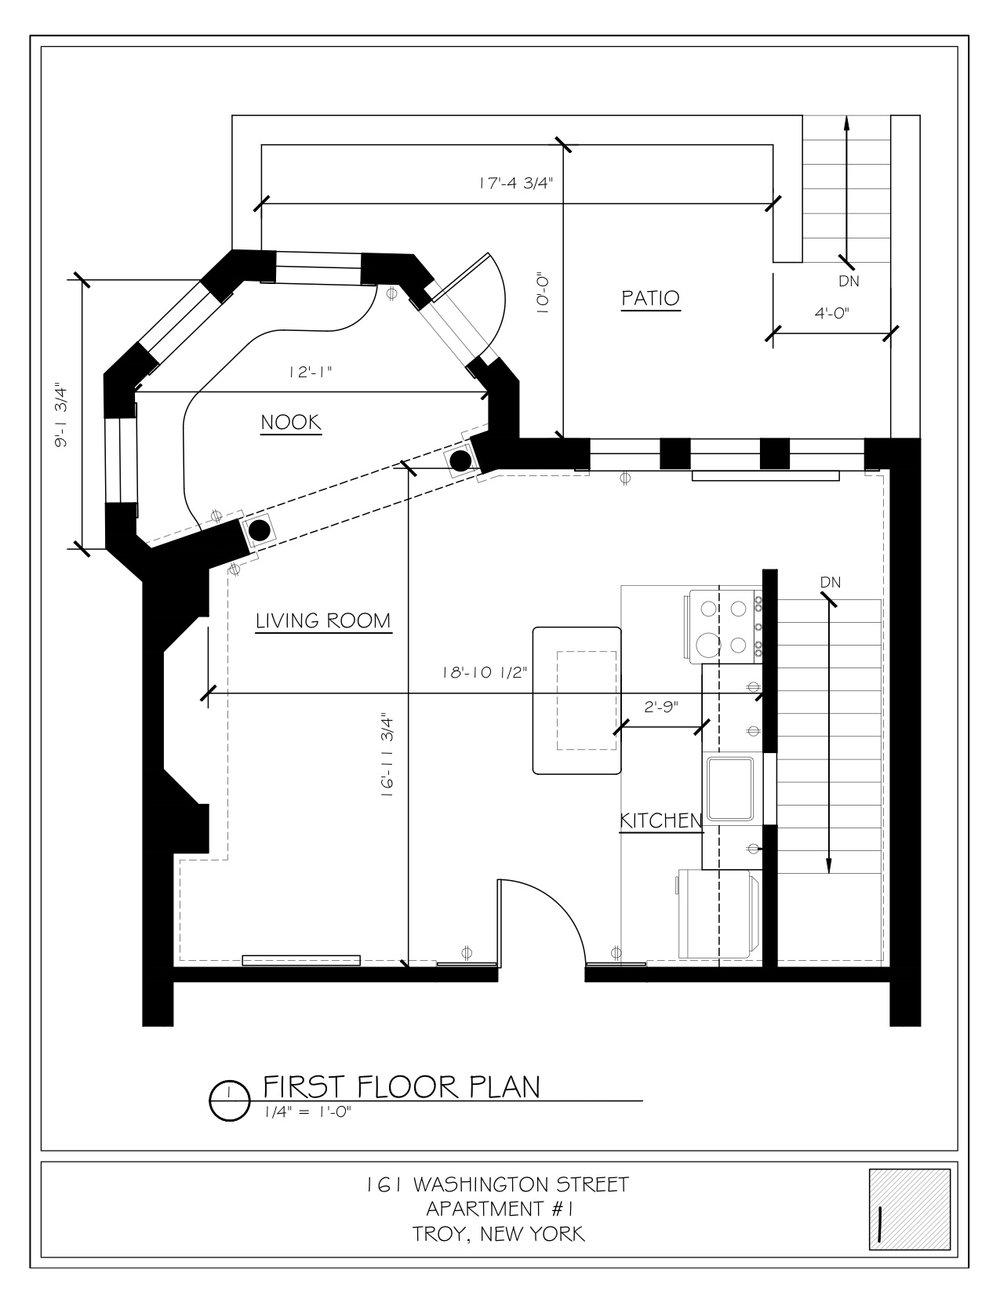 161#1 Floorplan Architectural.jpg